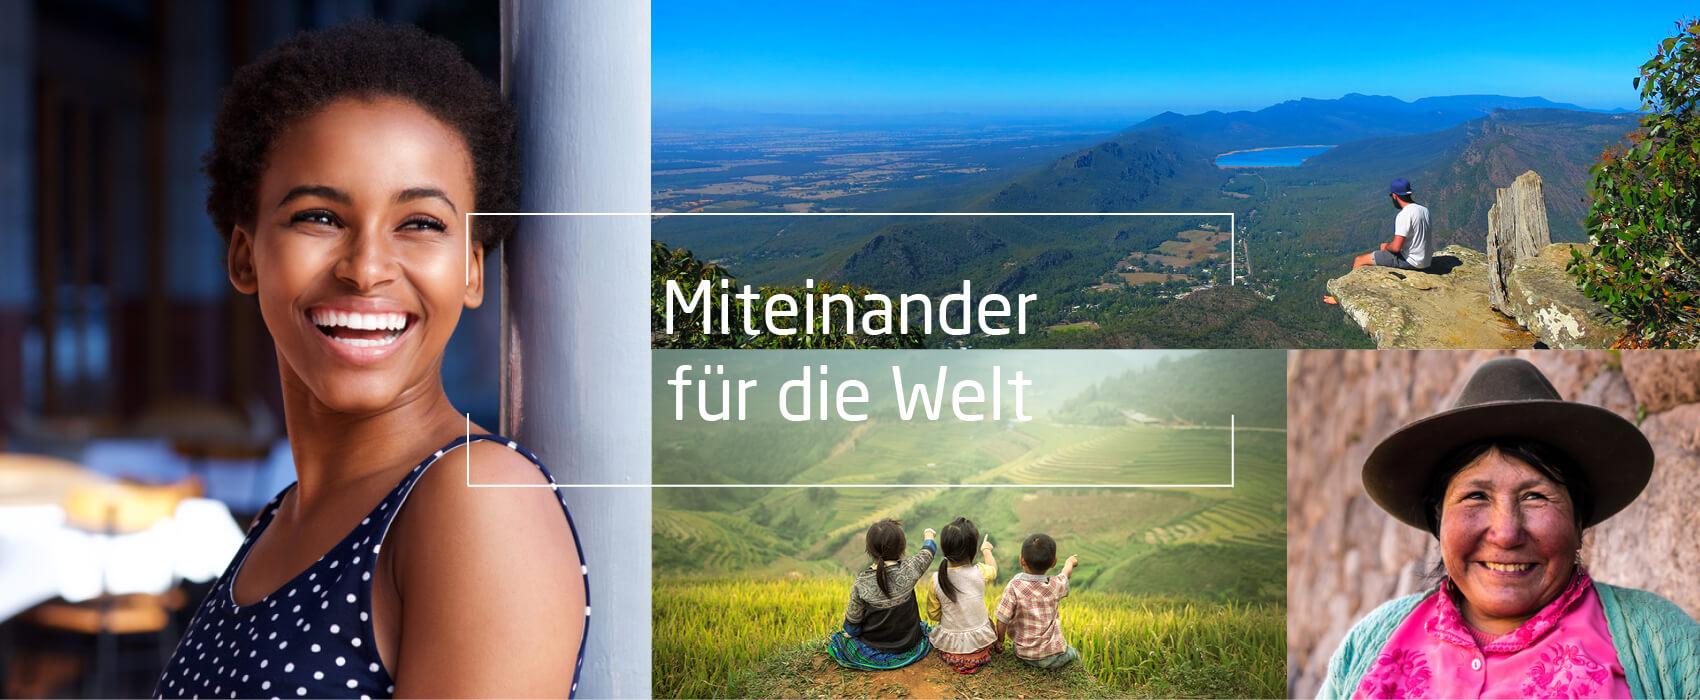 Internationale Bilder, Text: Miteinander für die Welt